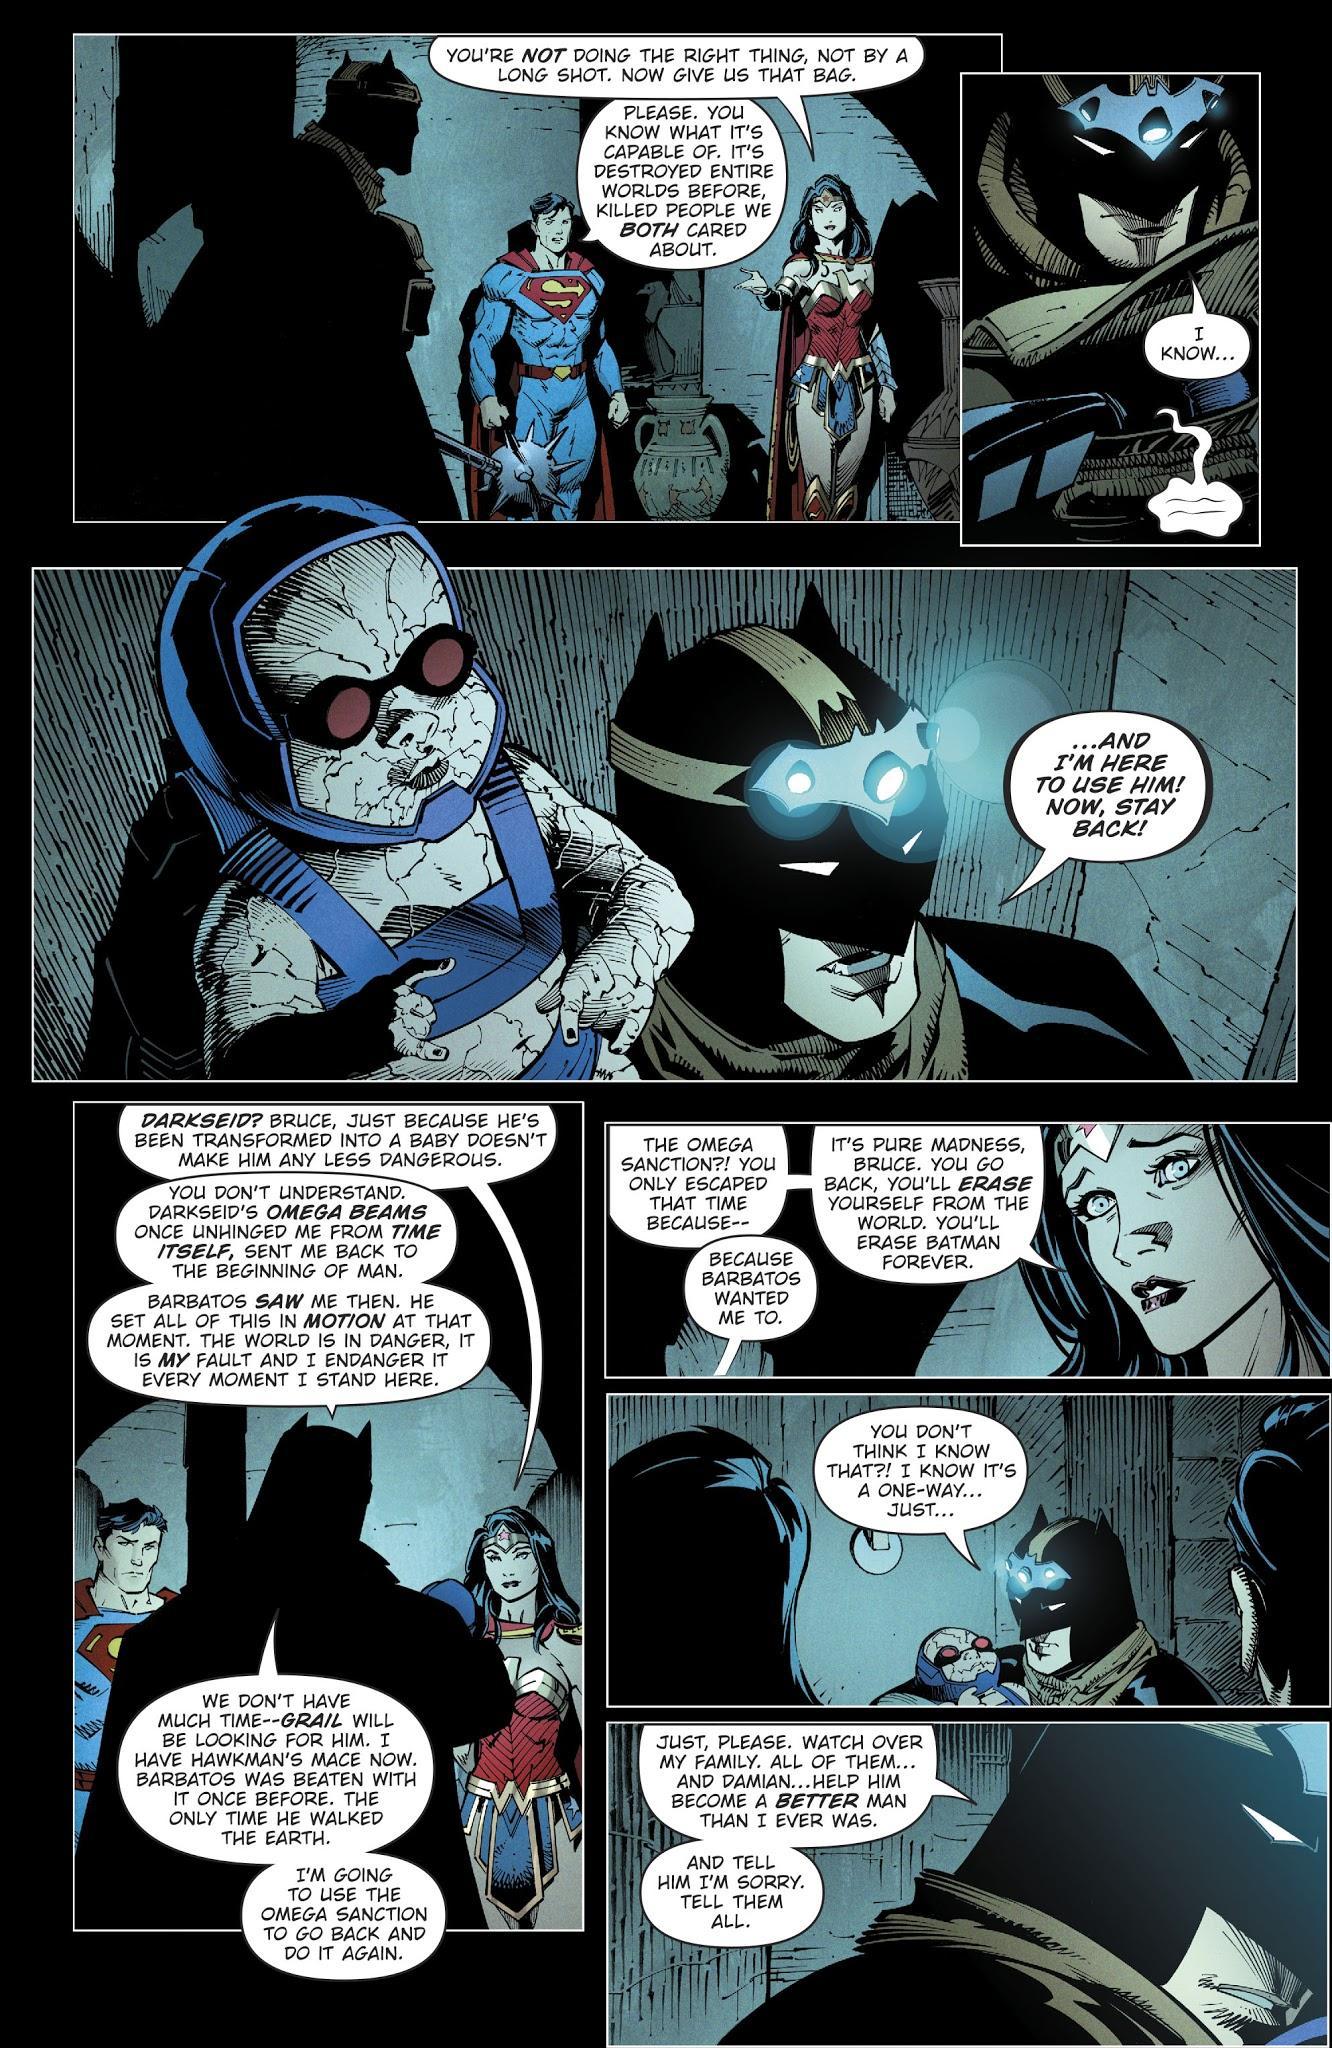 O bebê Darkseid com o Batman. Arte de Noite de Trevas por Greg Capullo.